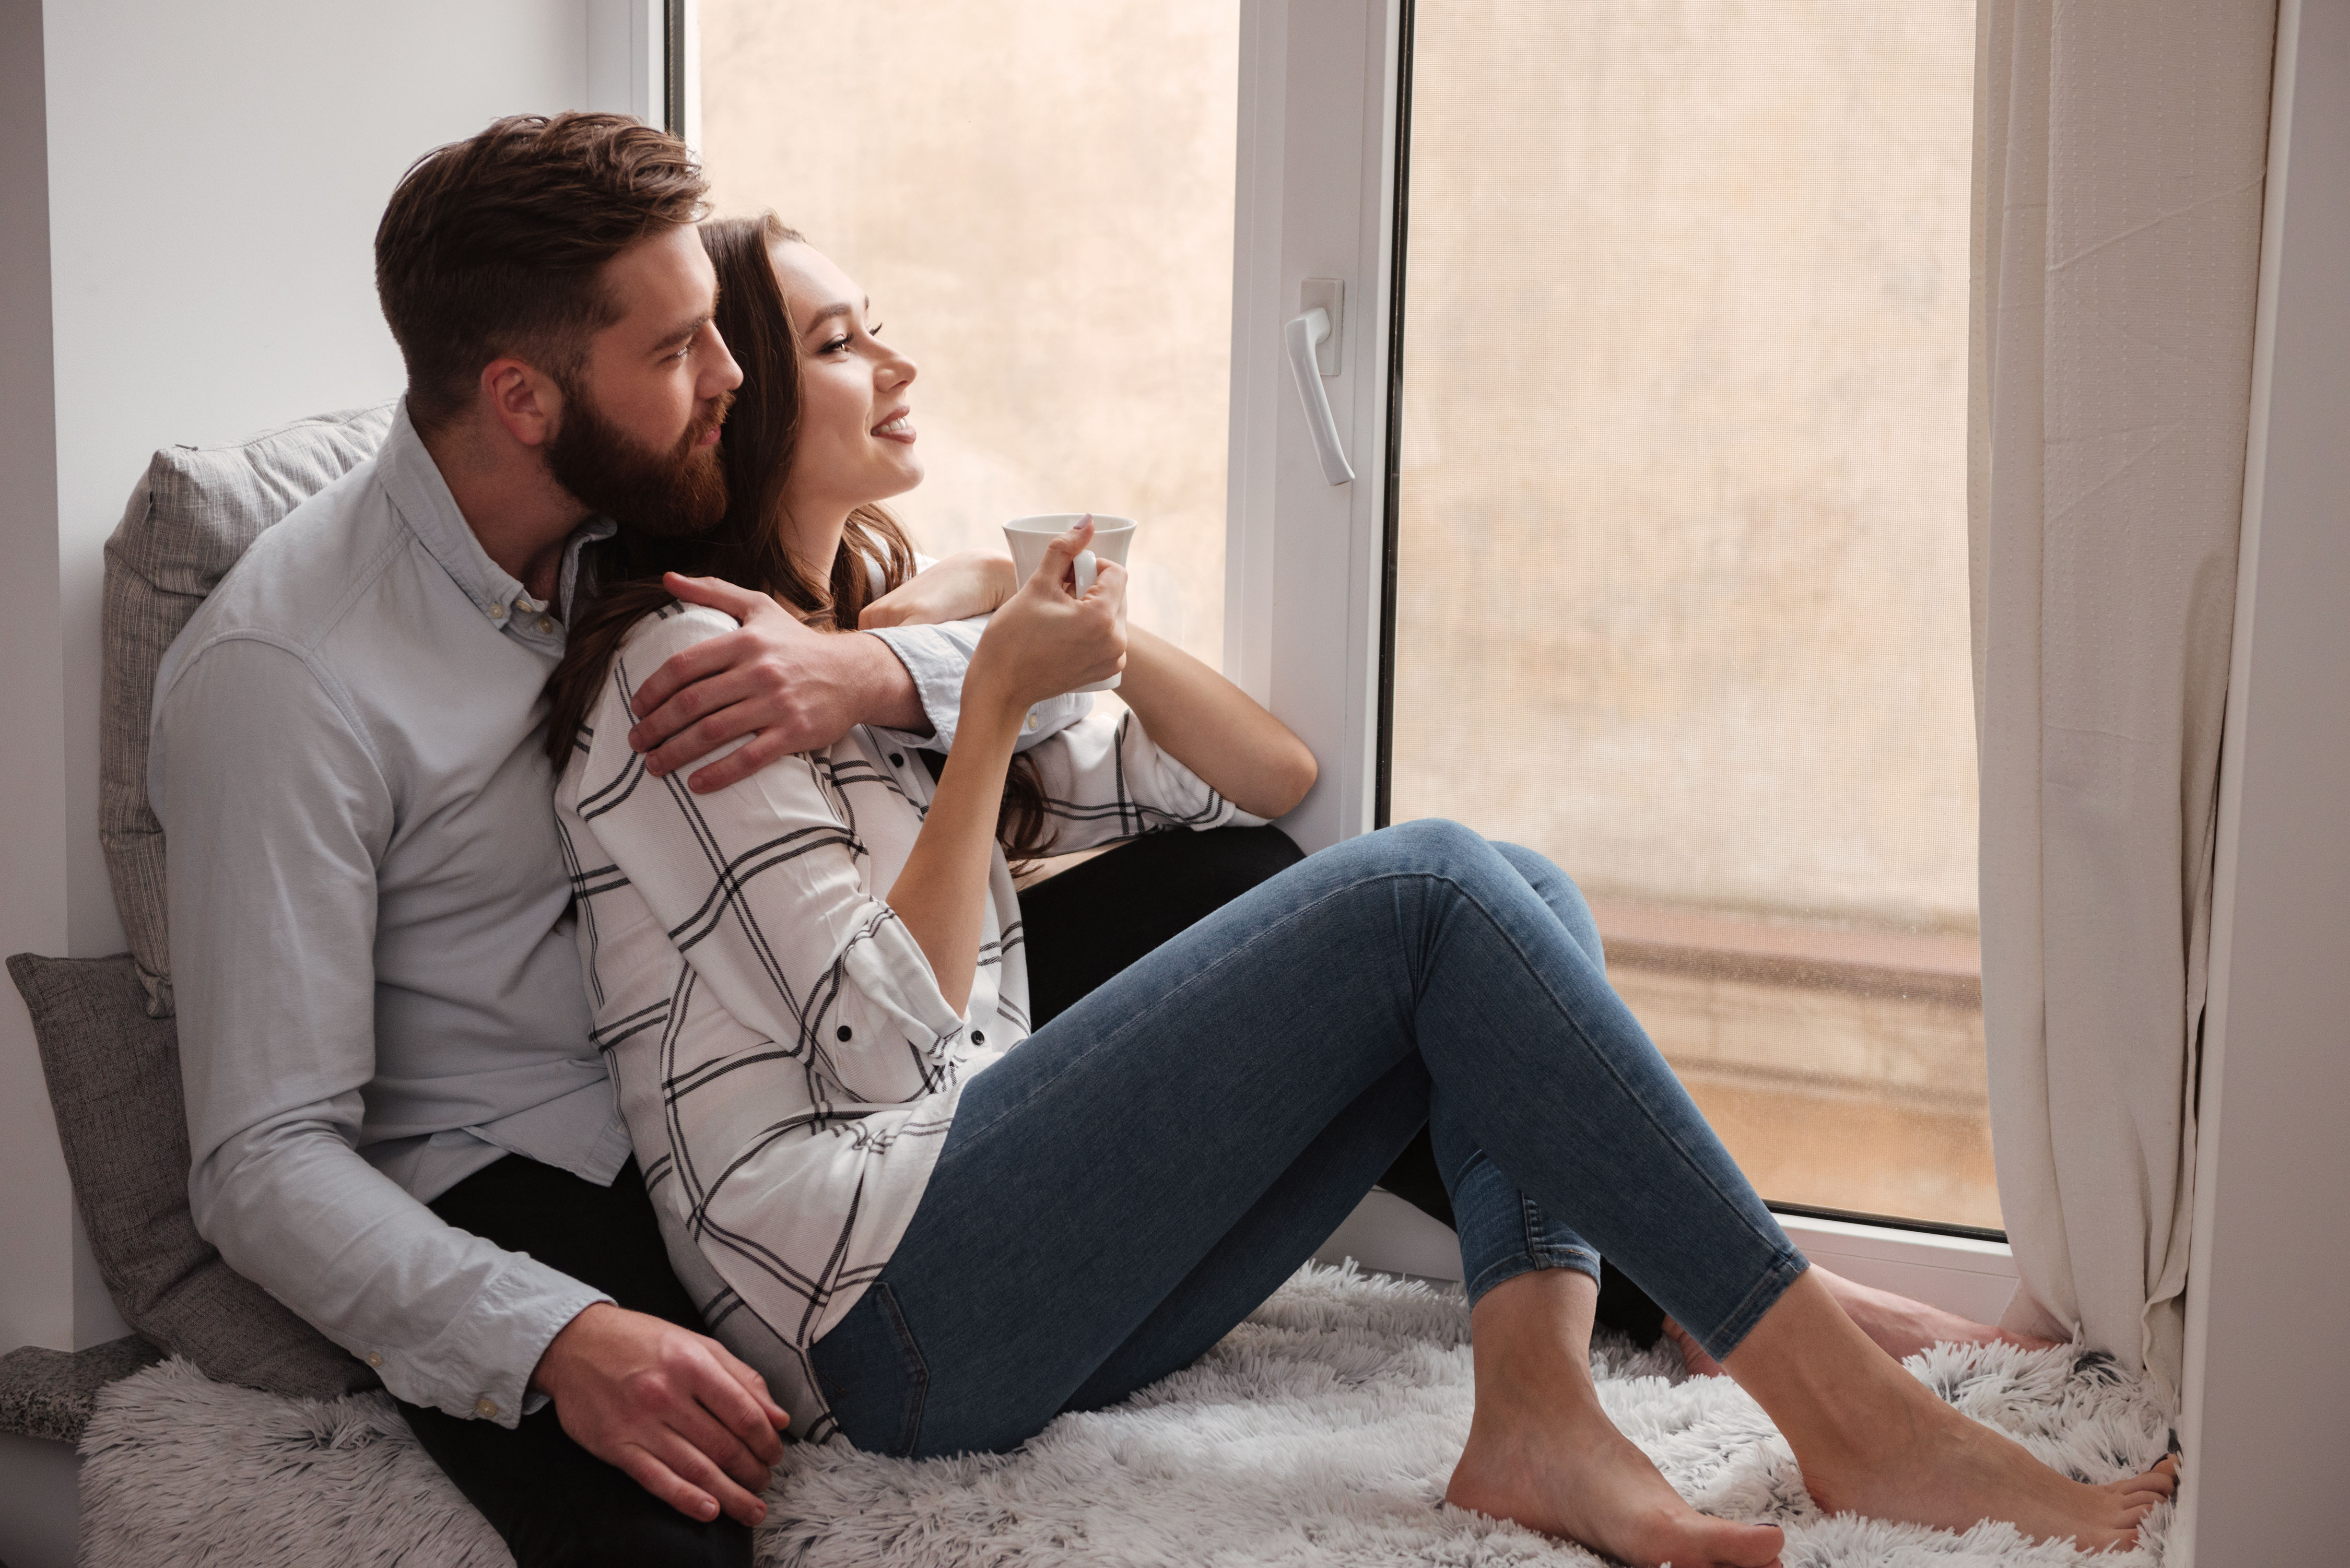 Junges Paar auf dem Boden sitzend sieht durchs geschlossene Fenster